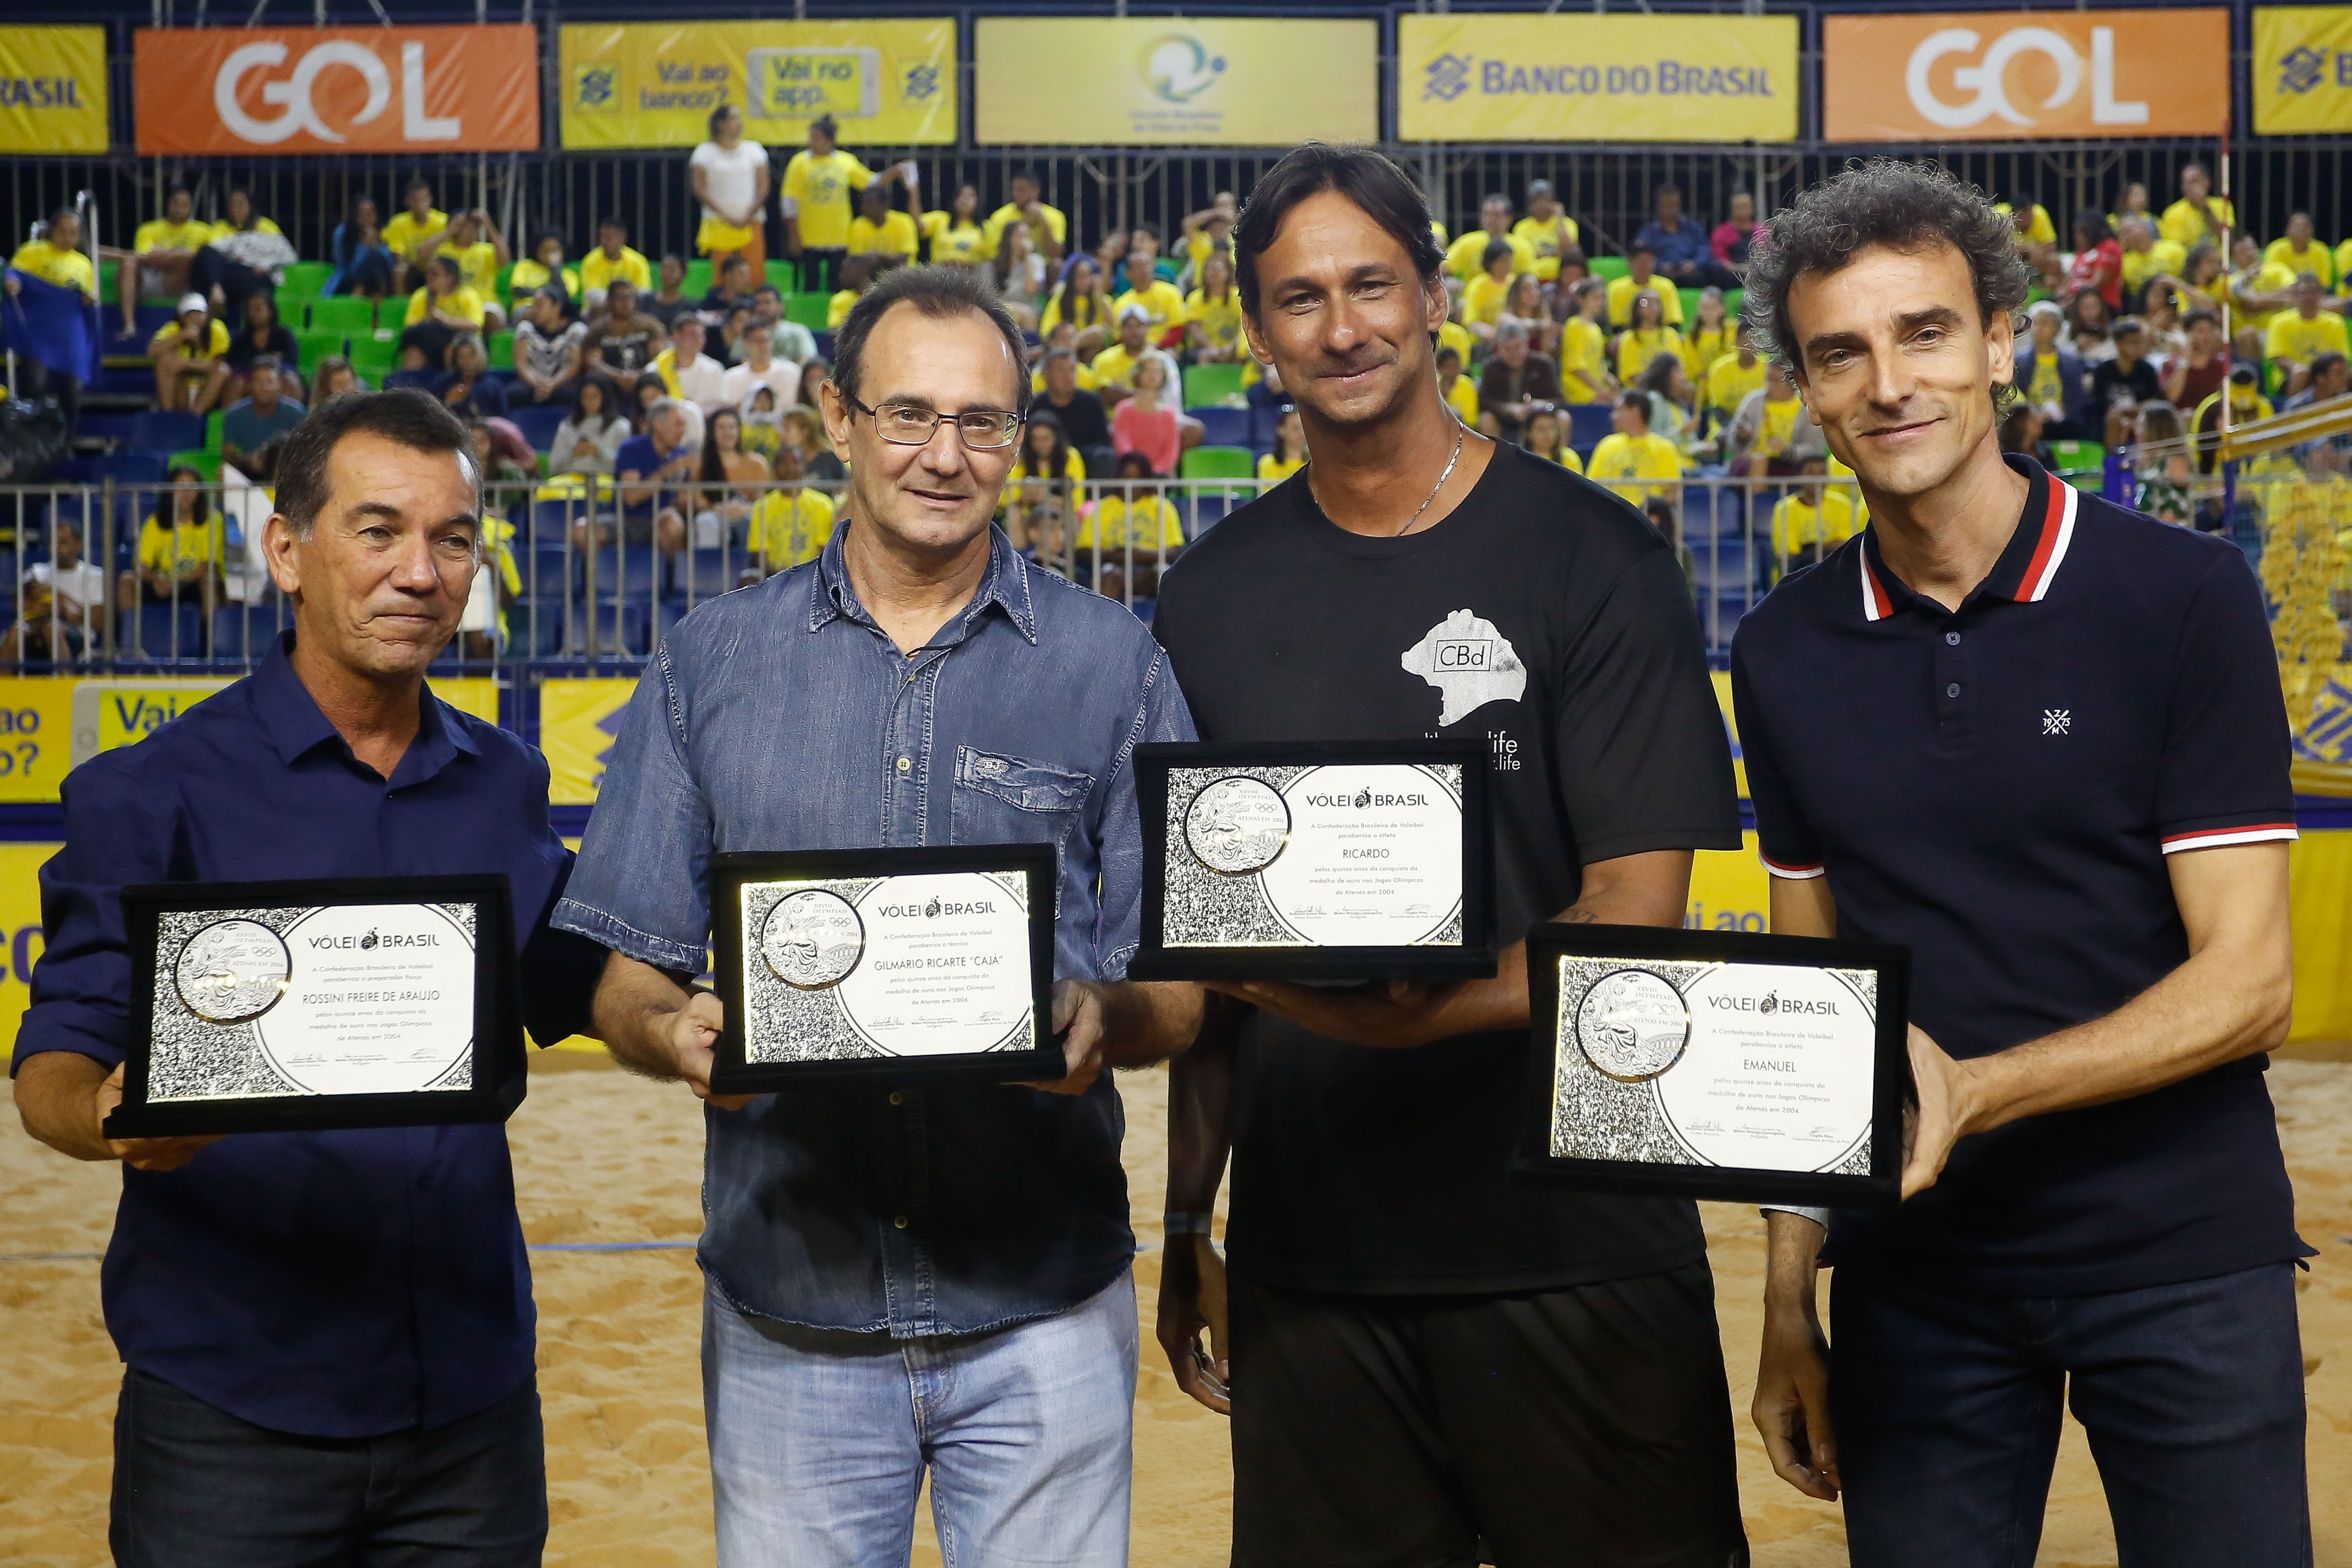 Campeões olímpicos em Atenas, Ricardo/Emanuel e comissão técnica são homenageados pelos 15 anos do feito